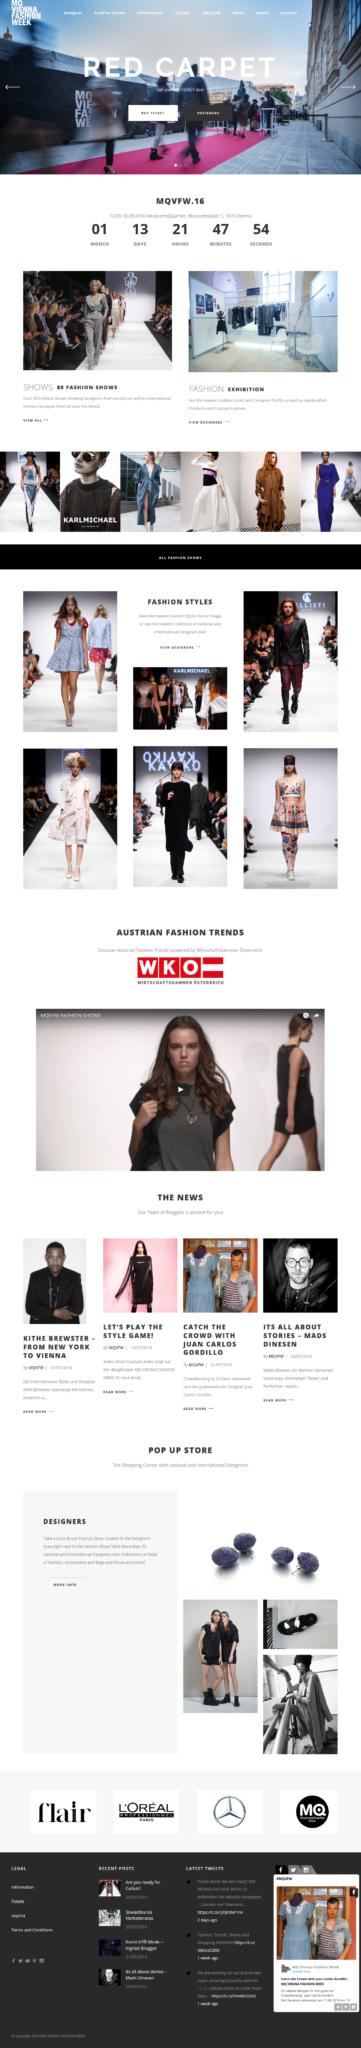 Vienna Fashion Week by 36 digital&more Website Design